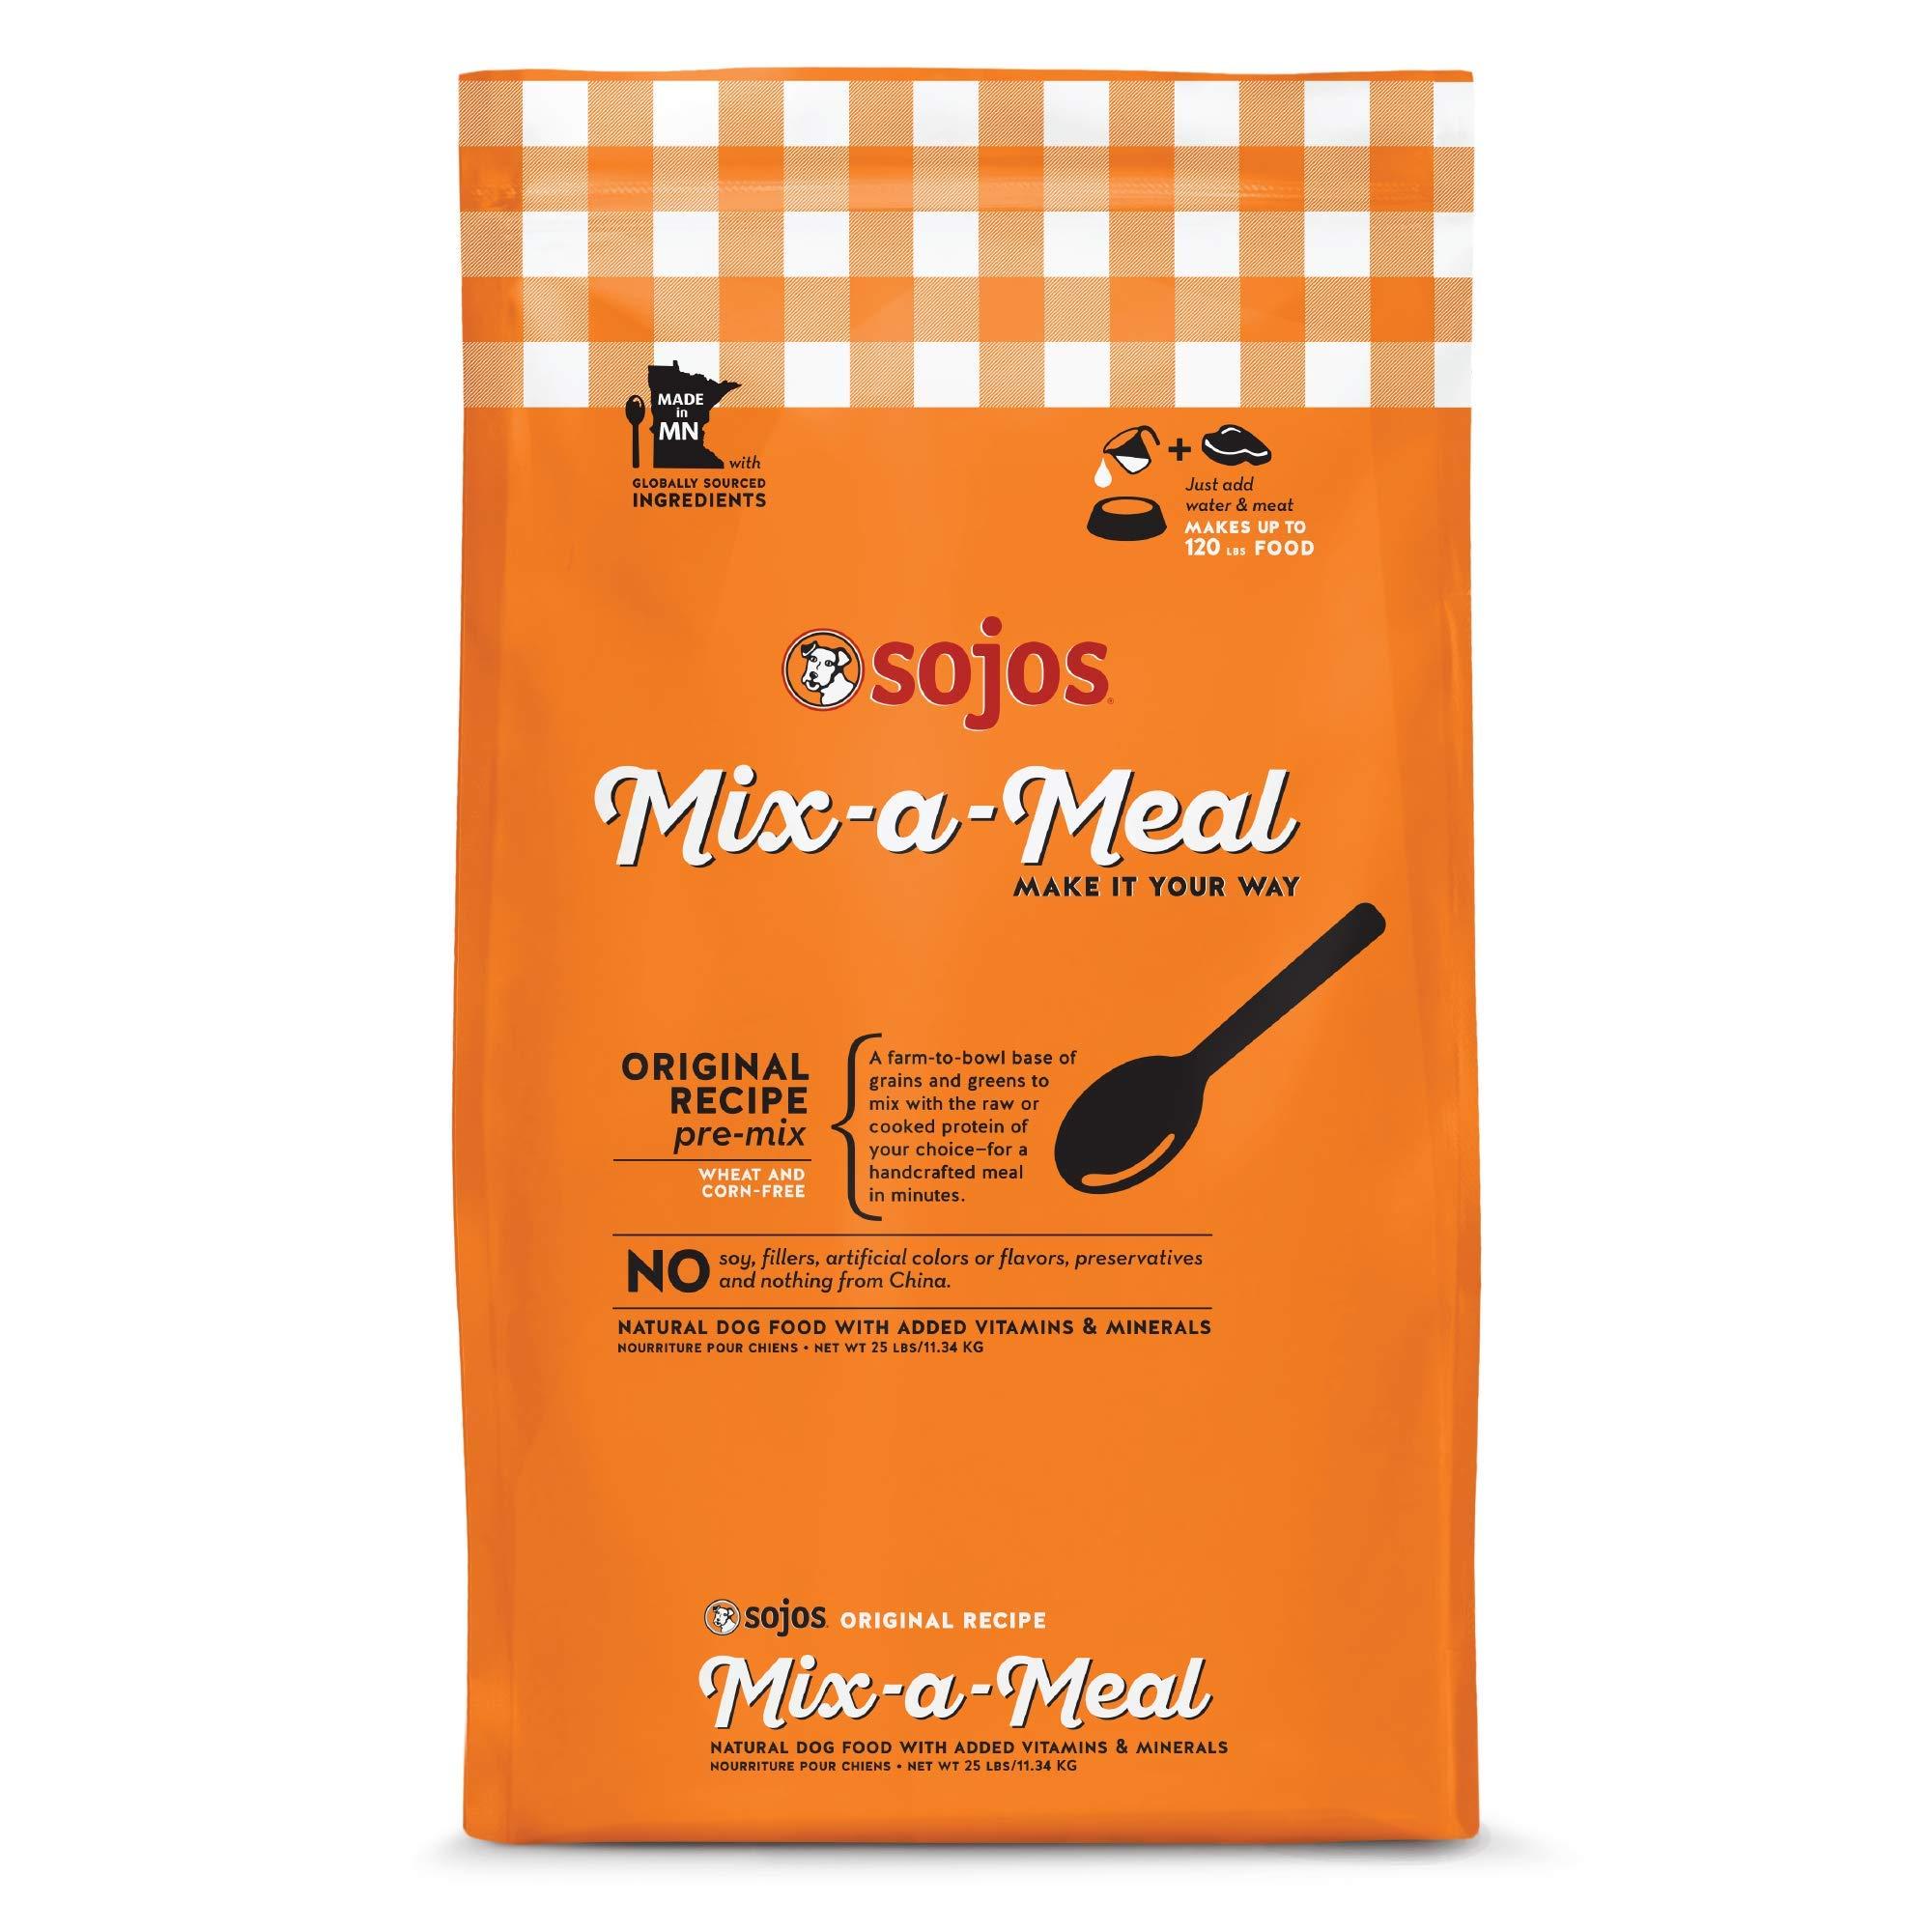 Sojos Mix-A-Meal Original Pre-Mix Dog Food, 25 Lb by SOJOS